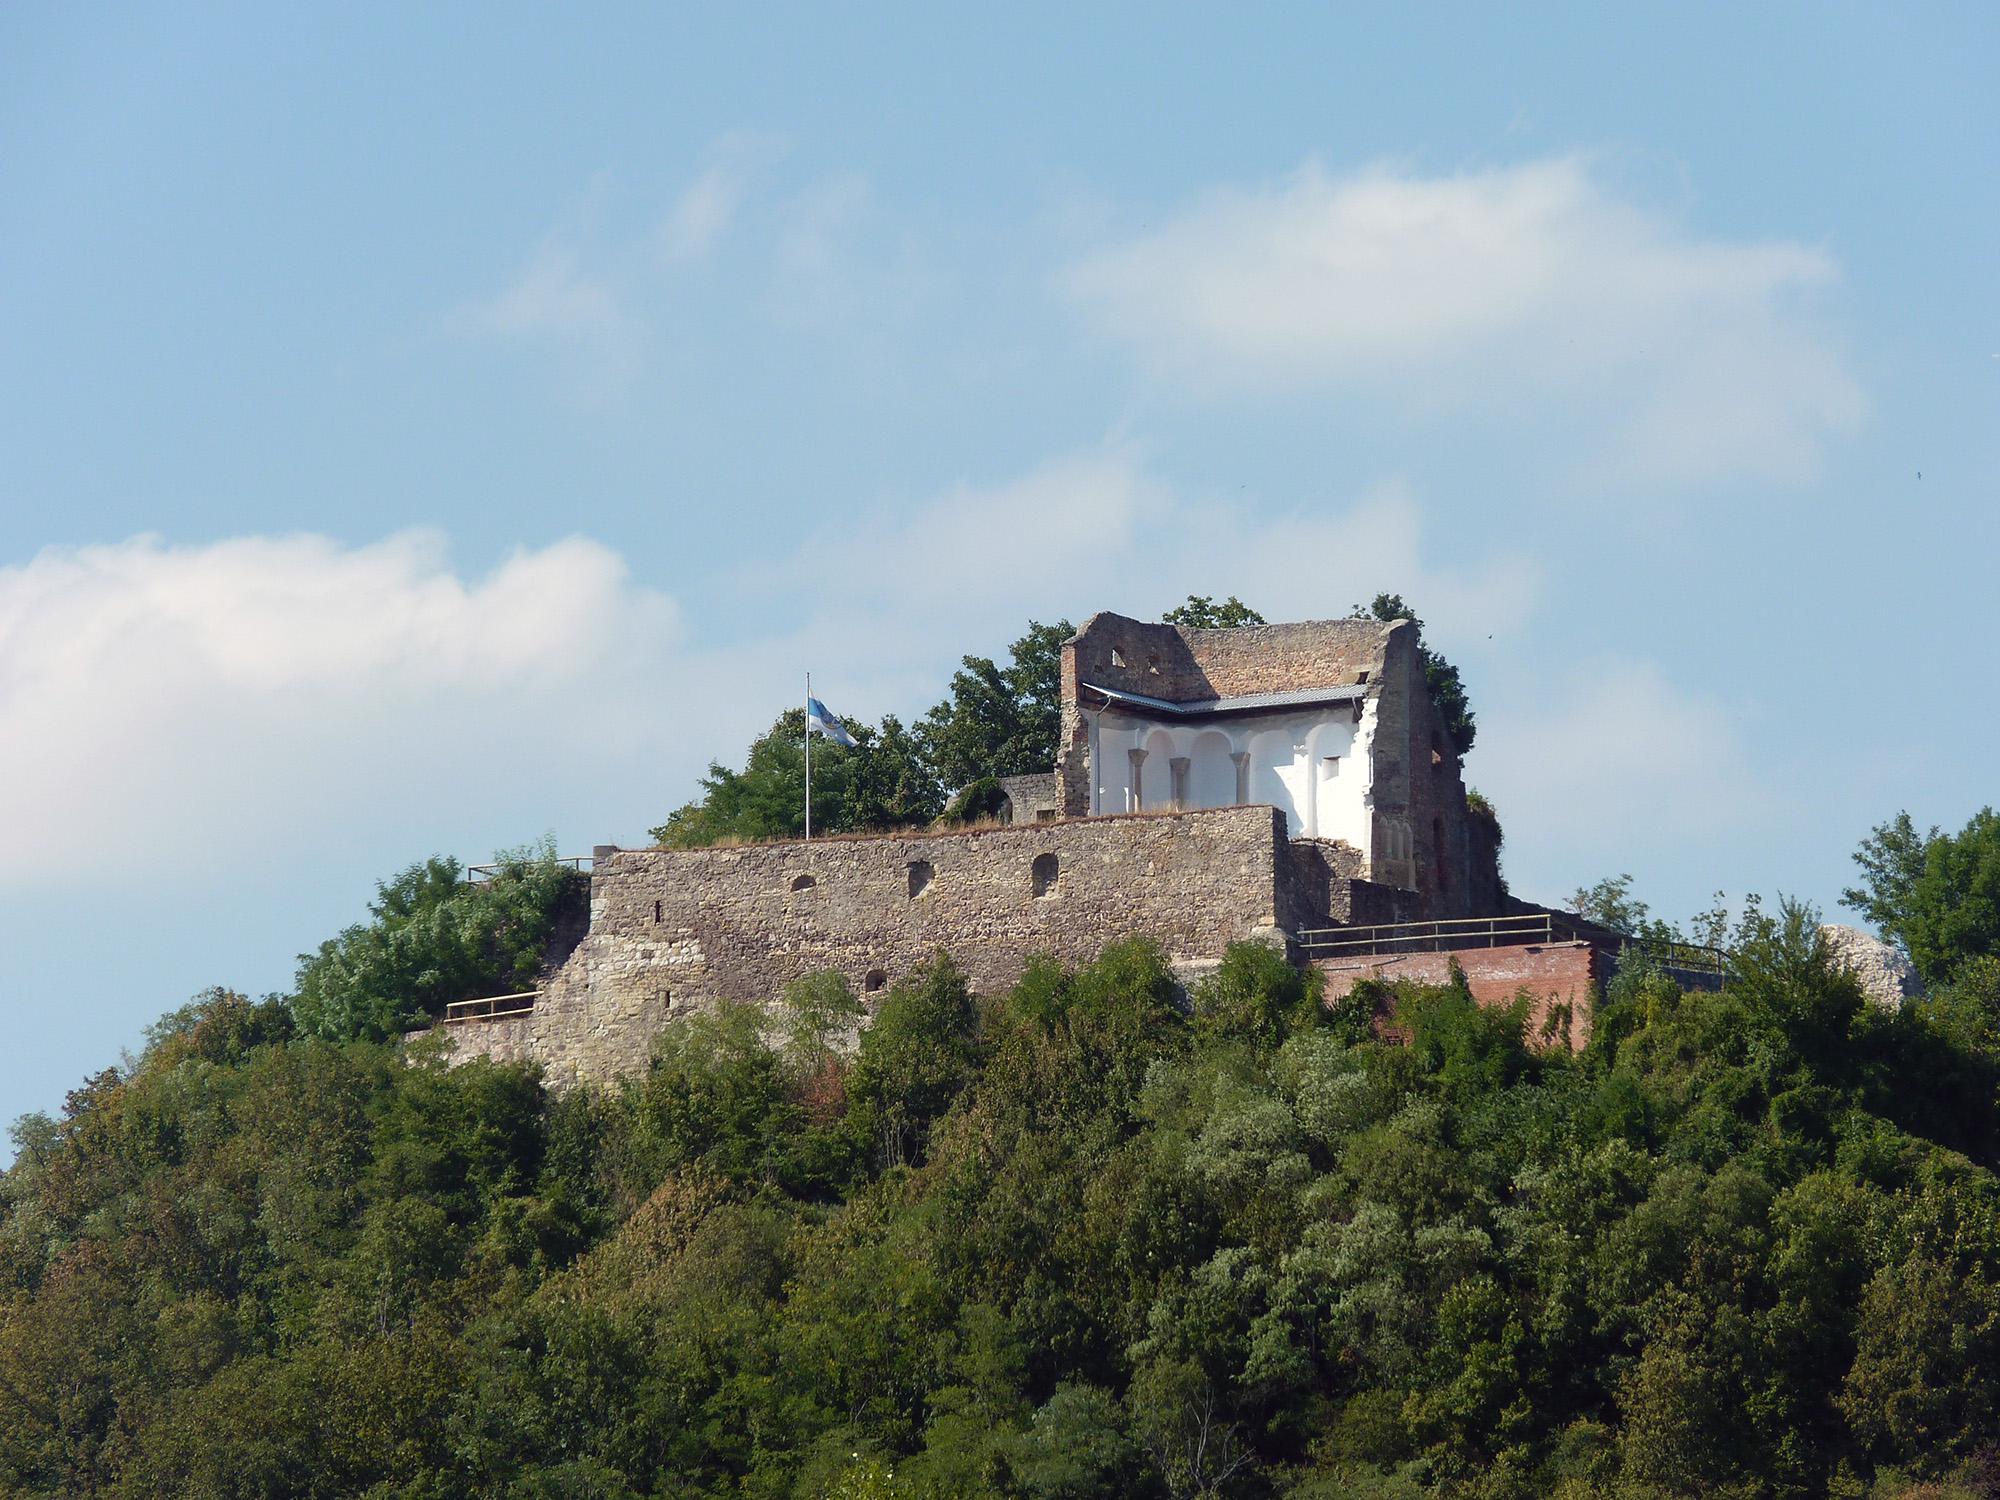 Foto: Foto der Woche #011: Burgruine